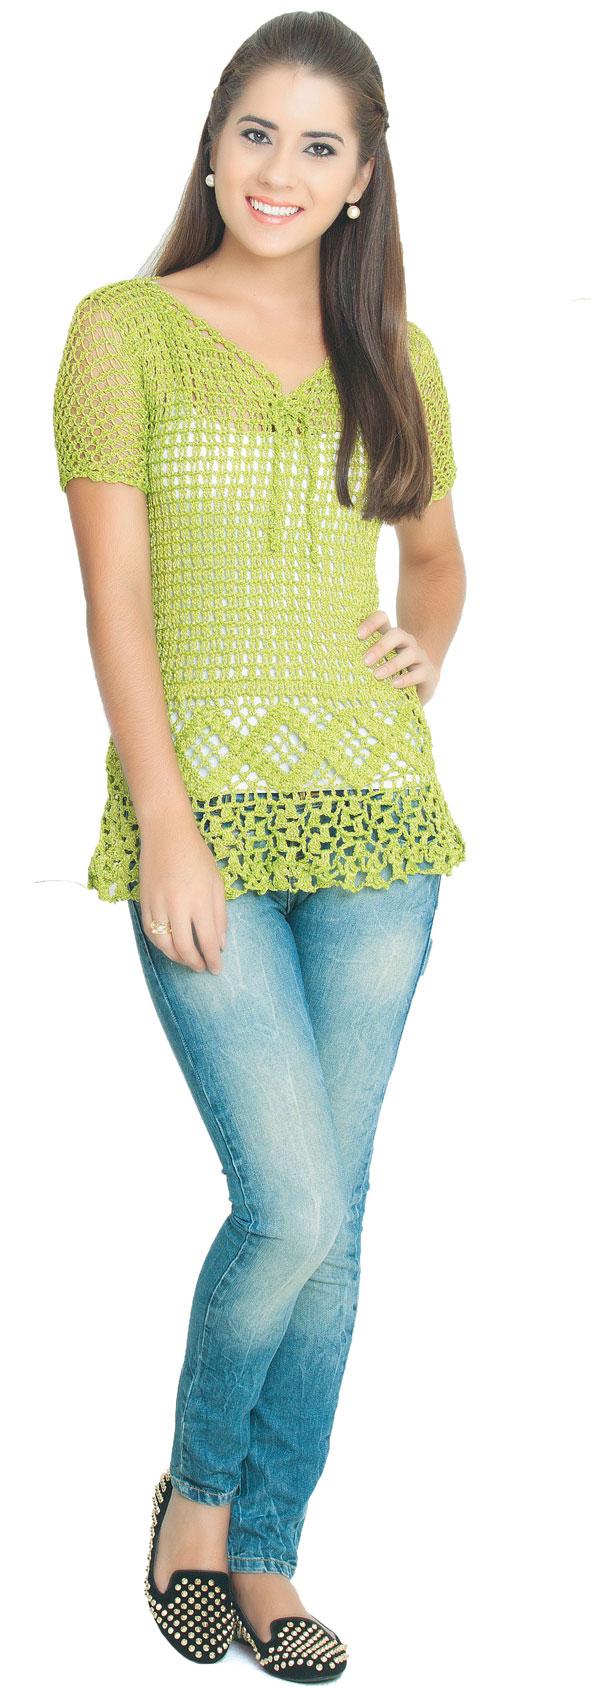 Camiseta verde-limão de crochê